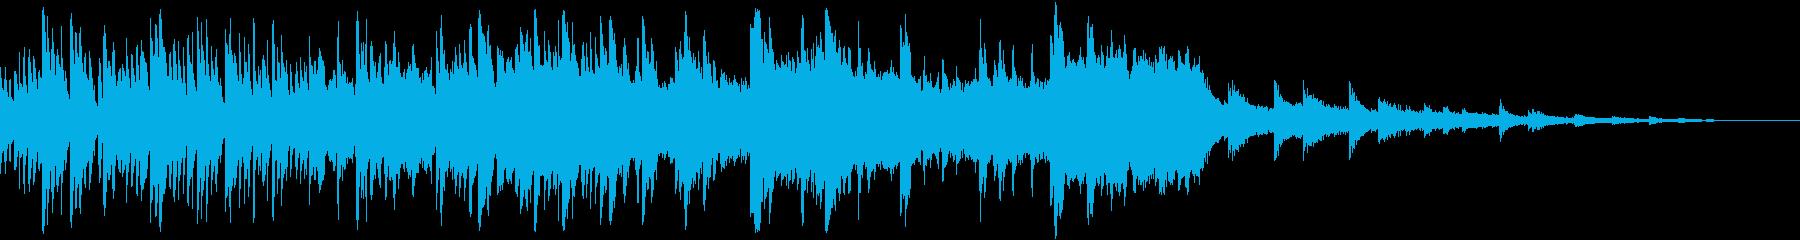 ノスタルジックなハープの音色が幻想的な曲の再生済みの波形